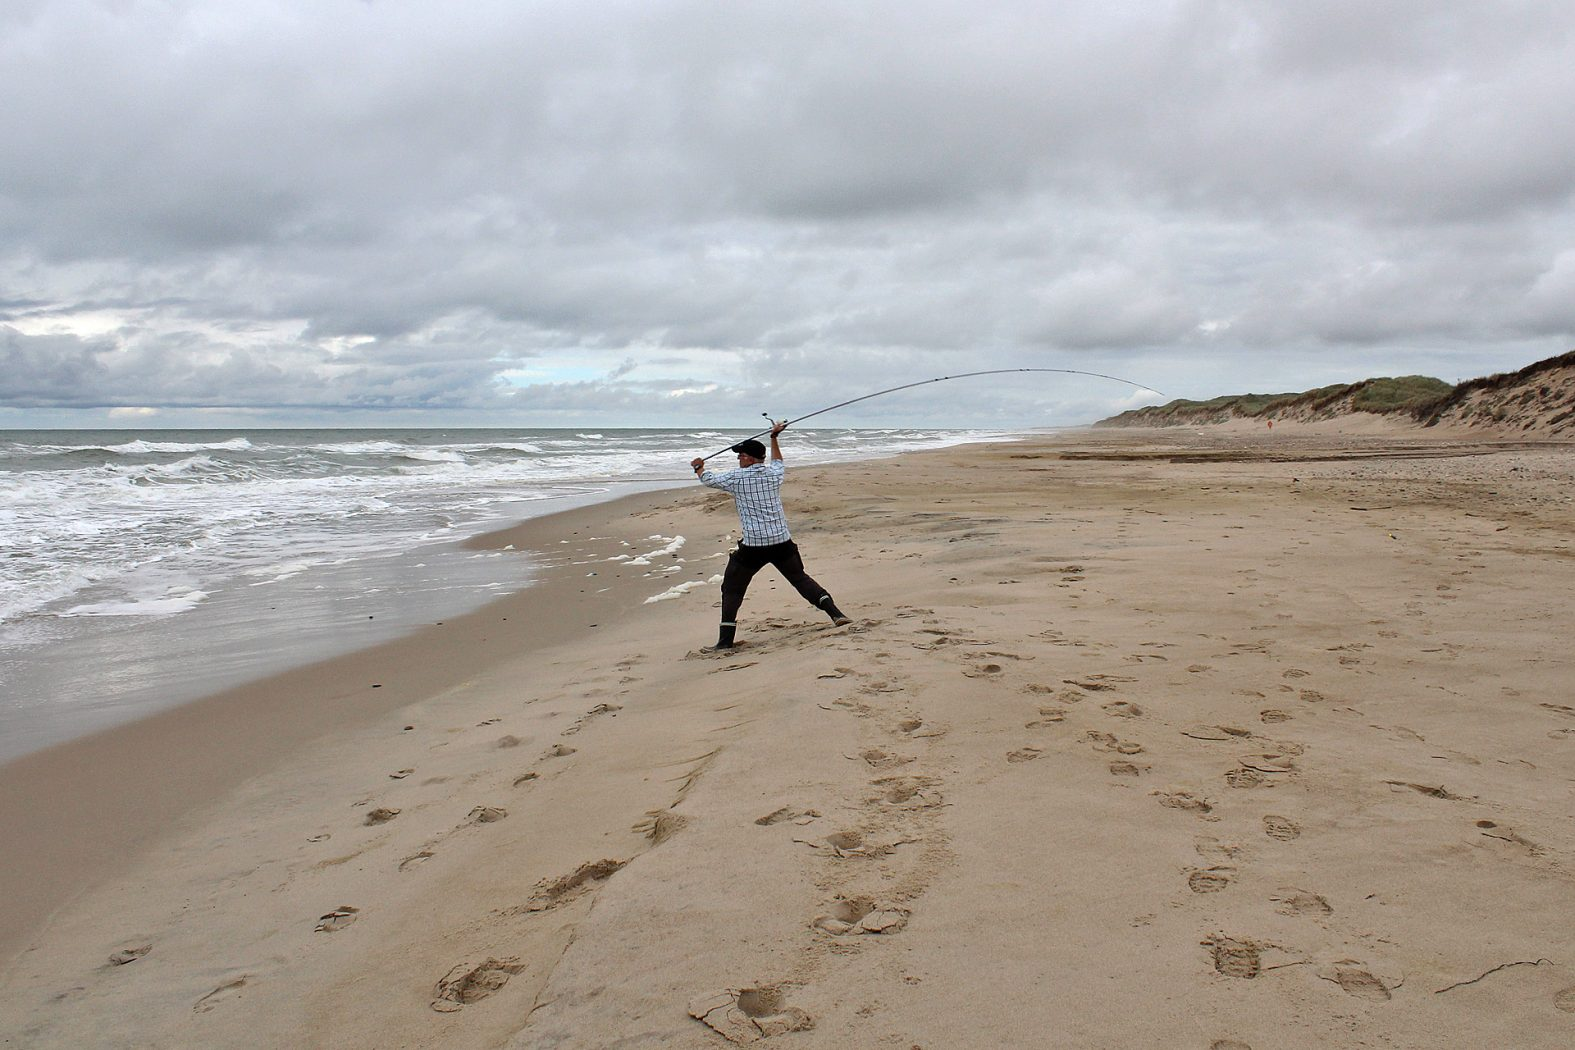 Angeln vom Strand an der Nordsee